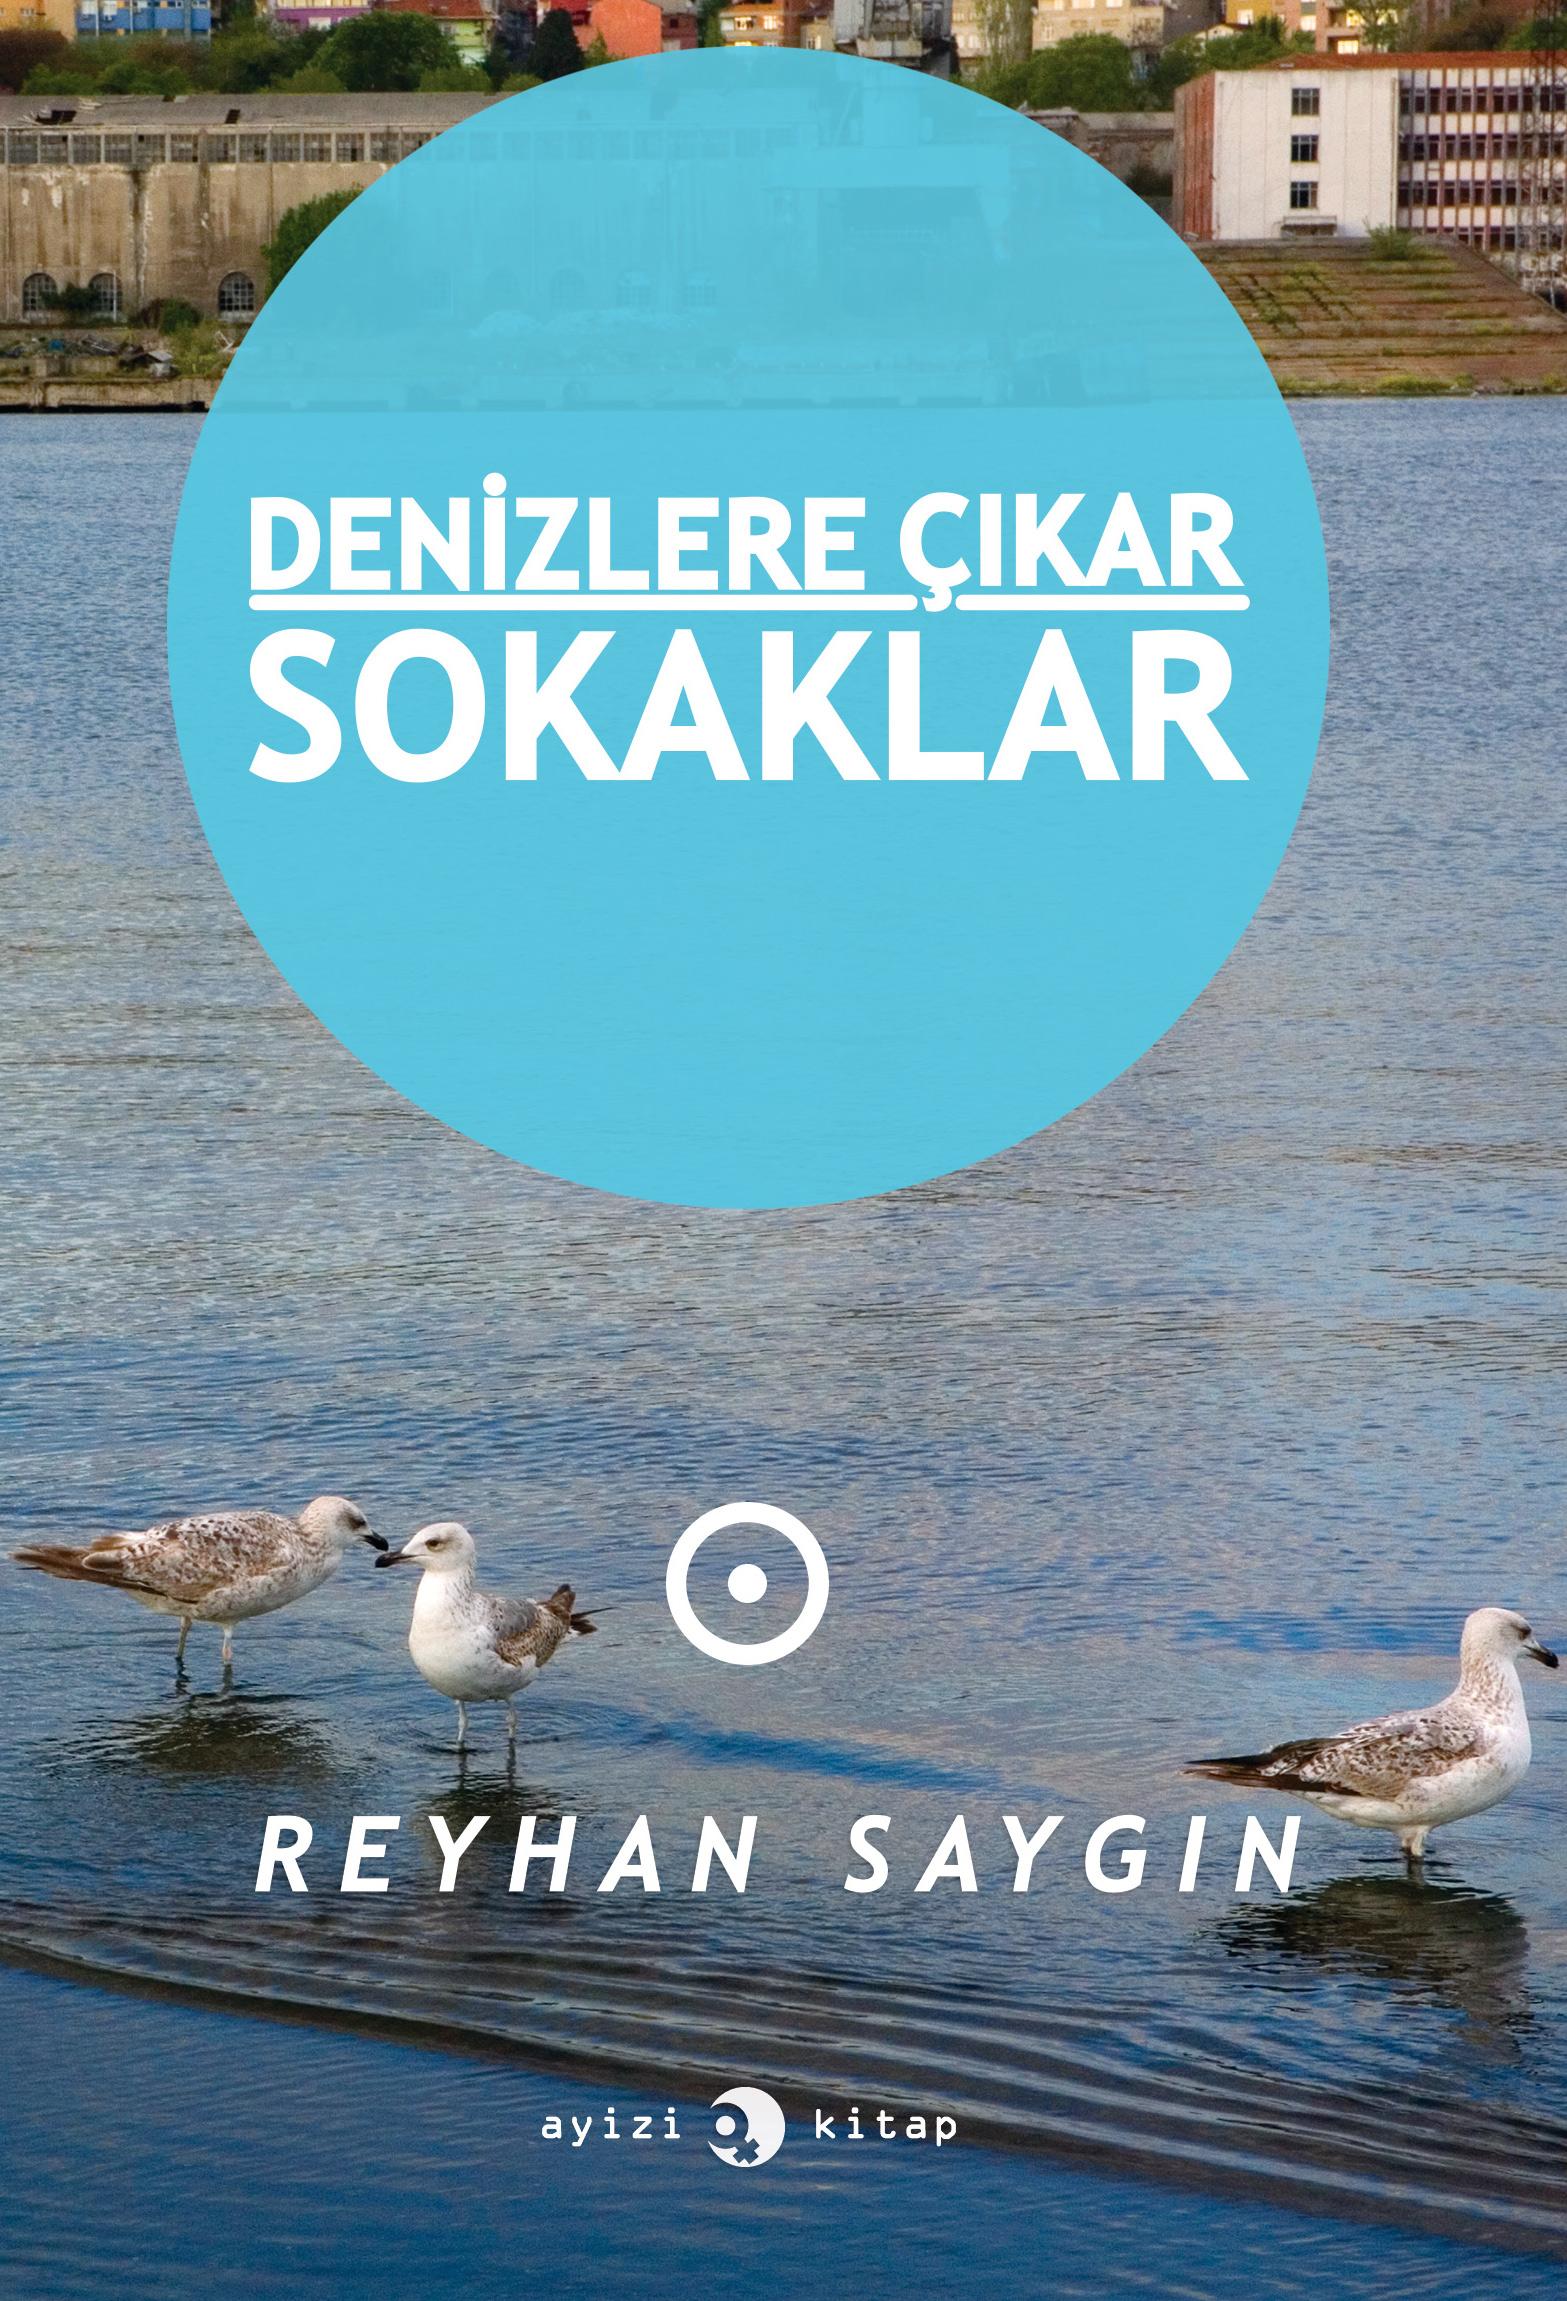 Denizlere Çıkar Sokaklar, Reyhan Saygın, Ayizi Kitap